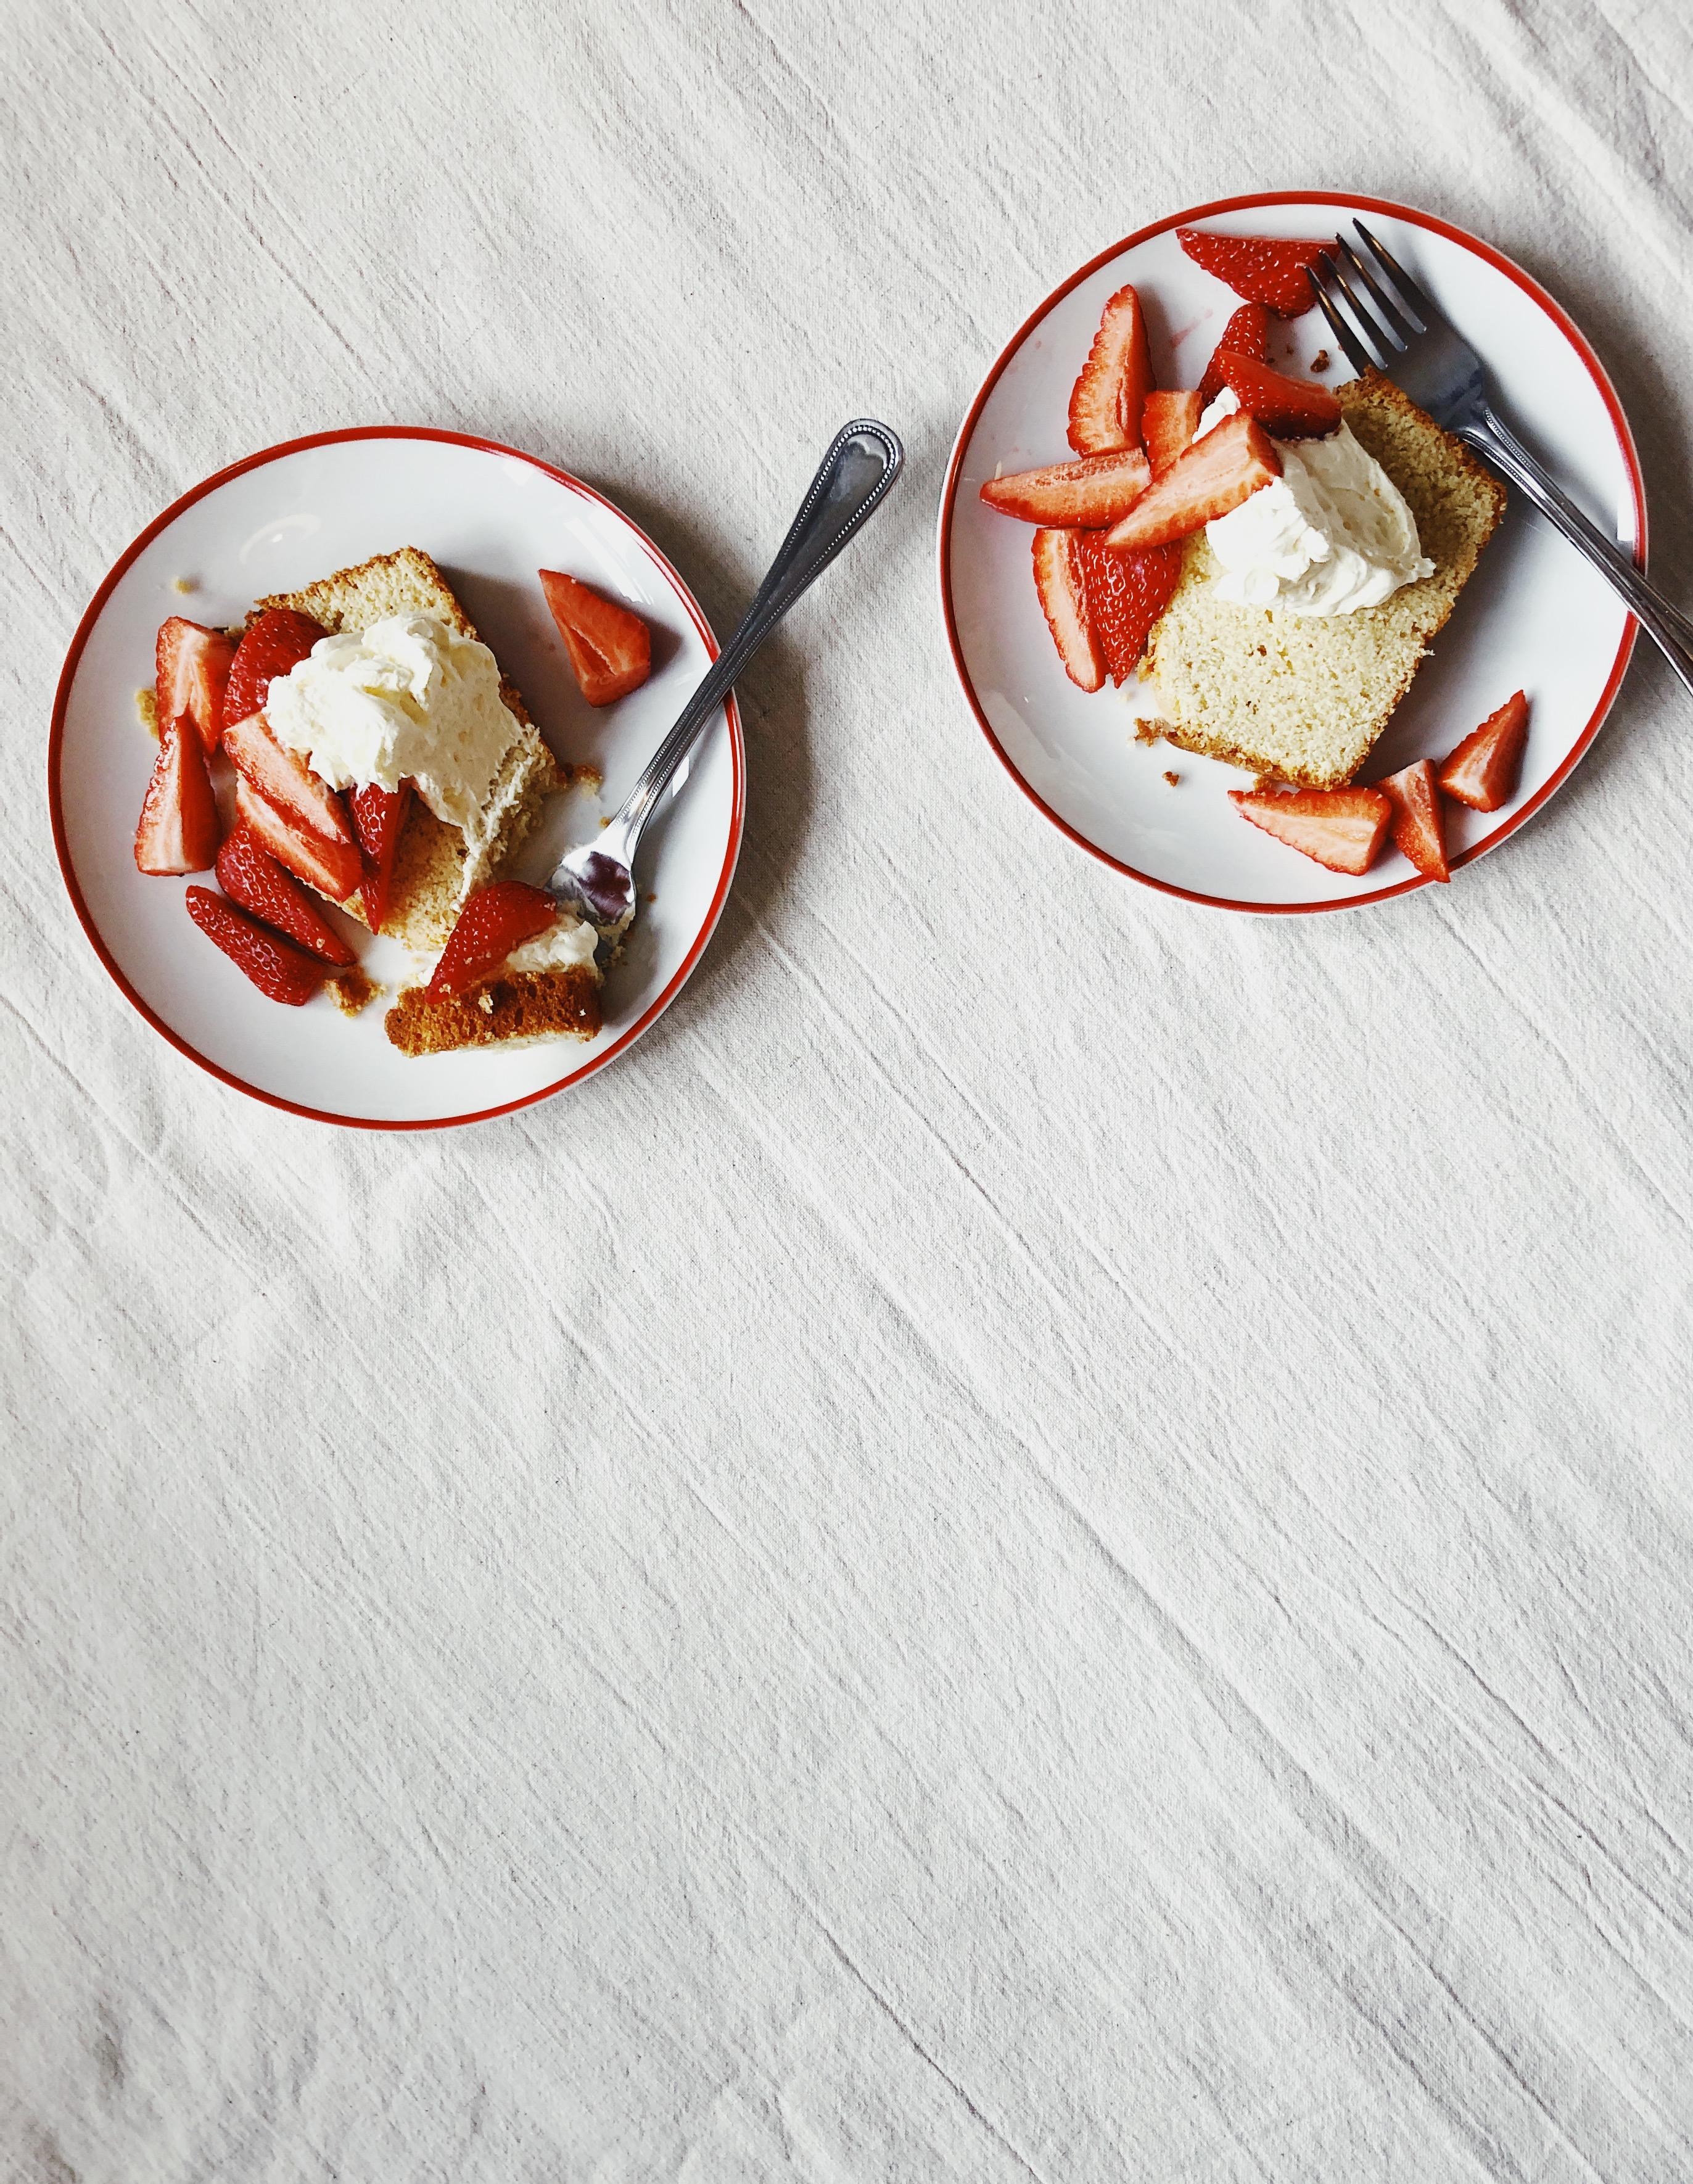 Vanilla pound cake with strawberries and cream